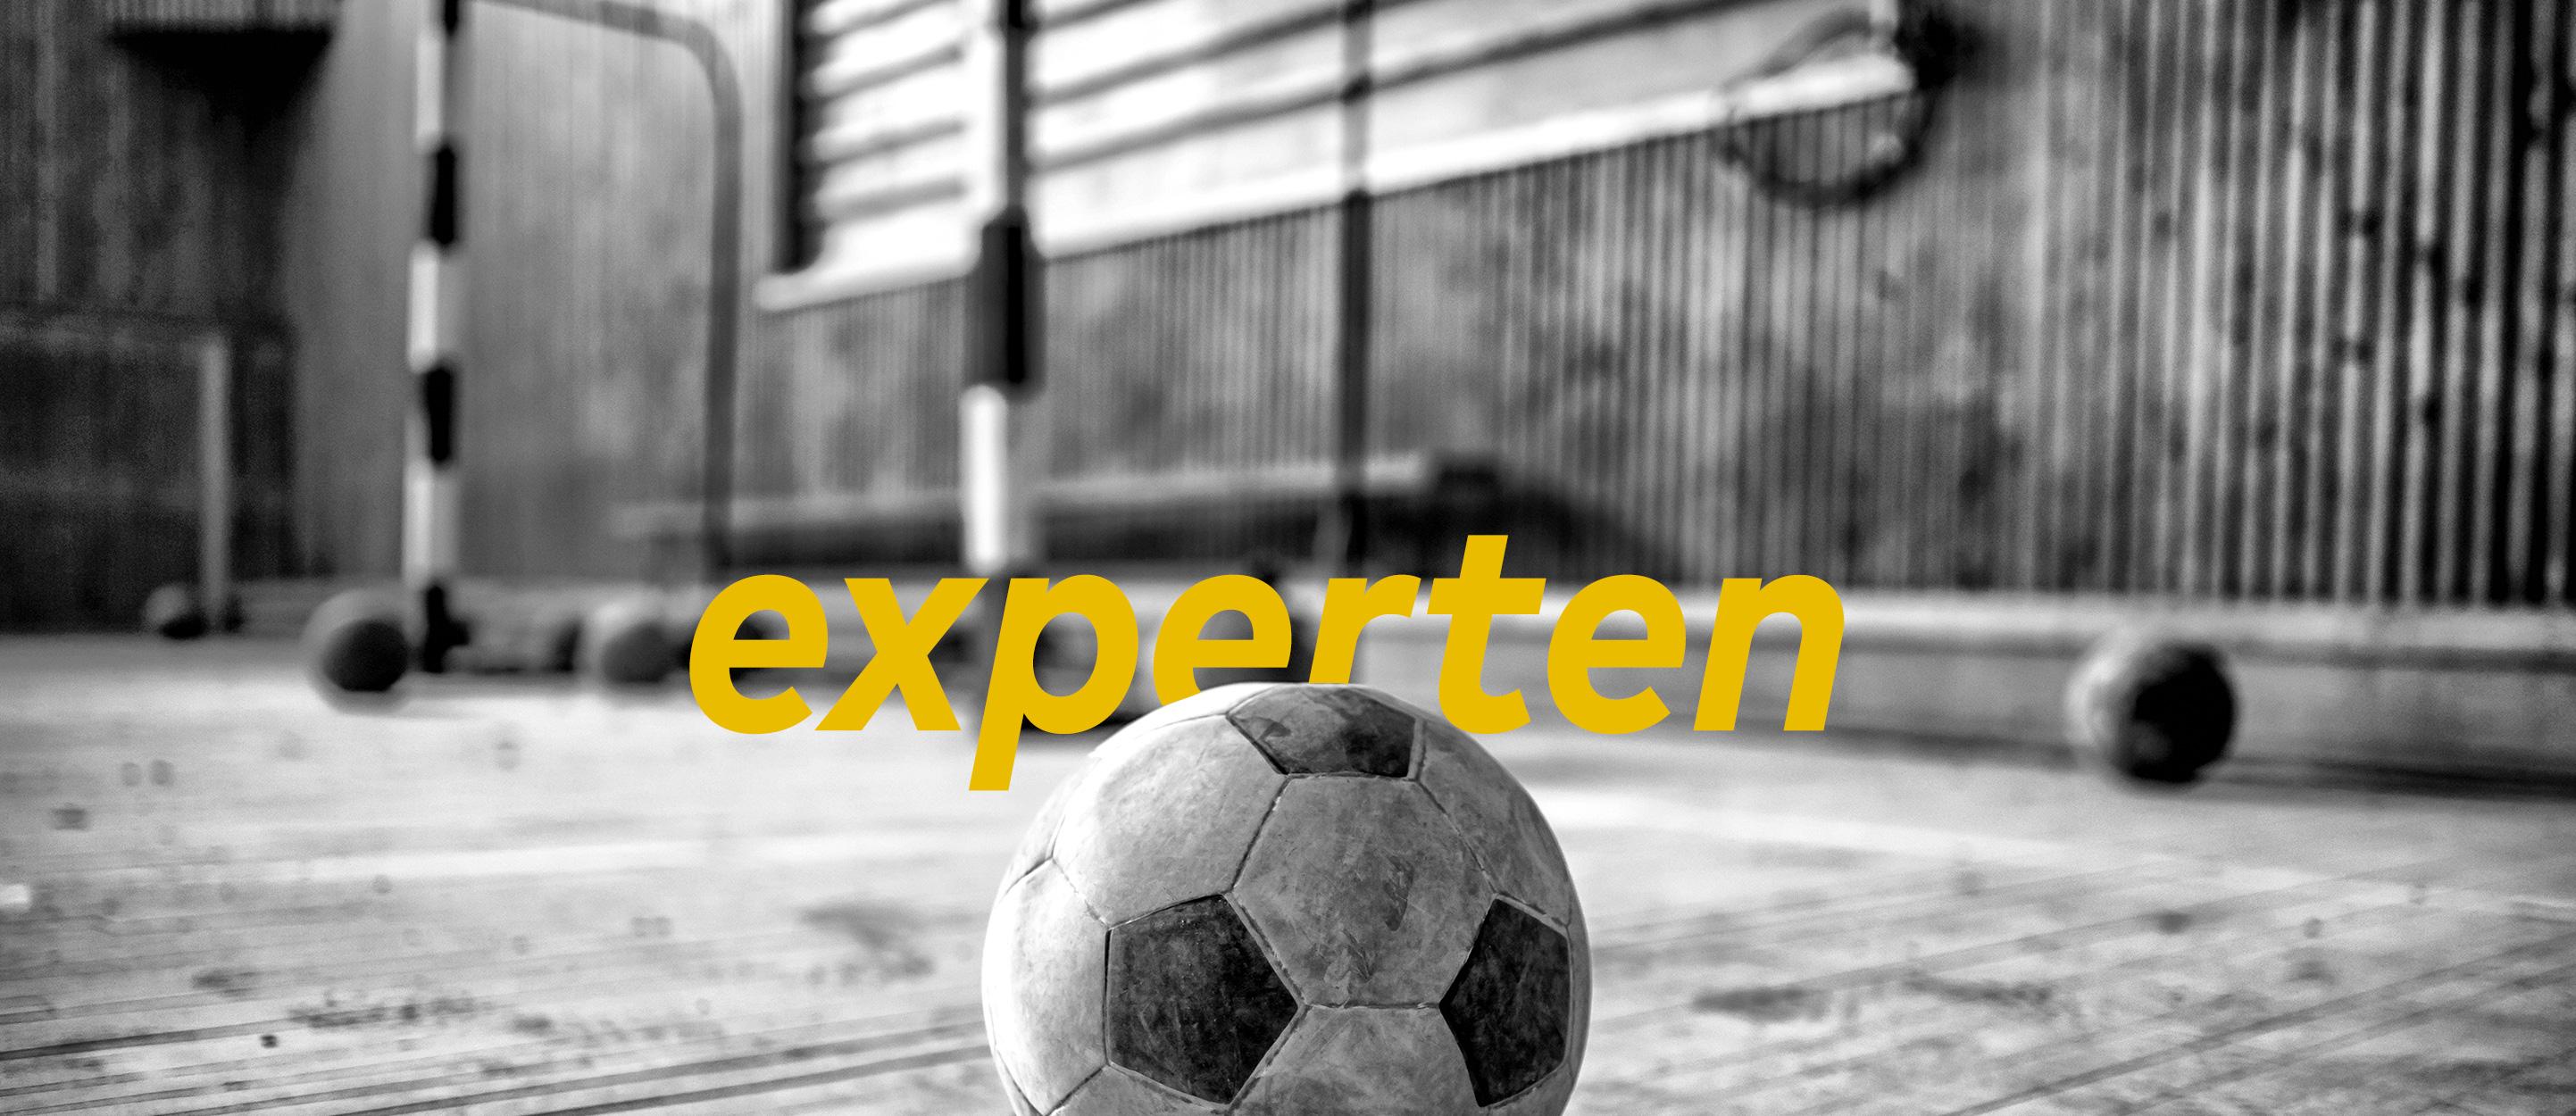 SportsTransfer - Experten